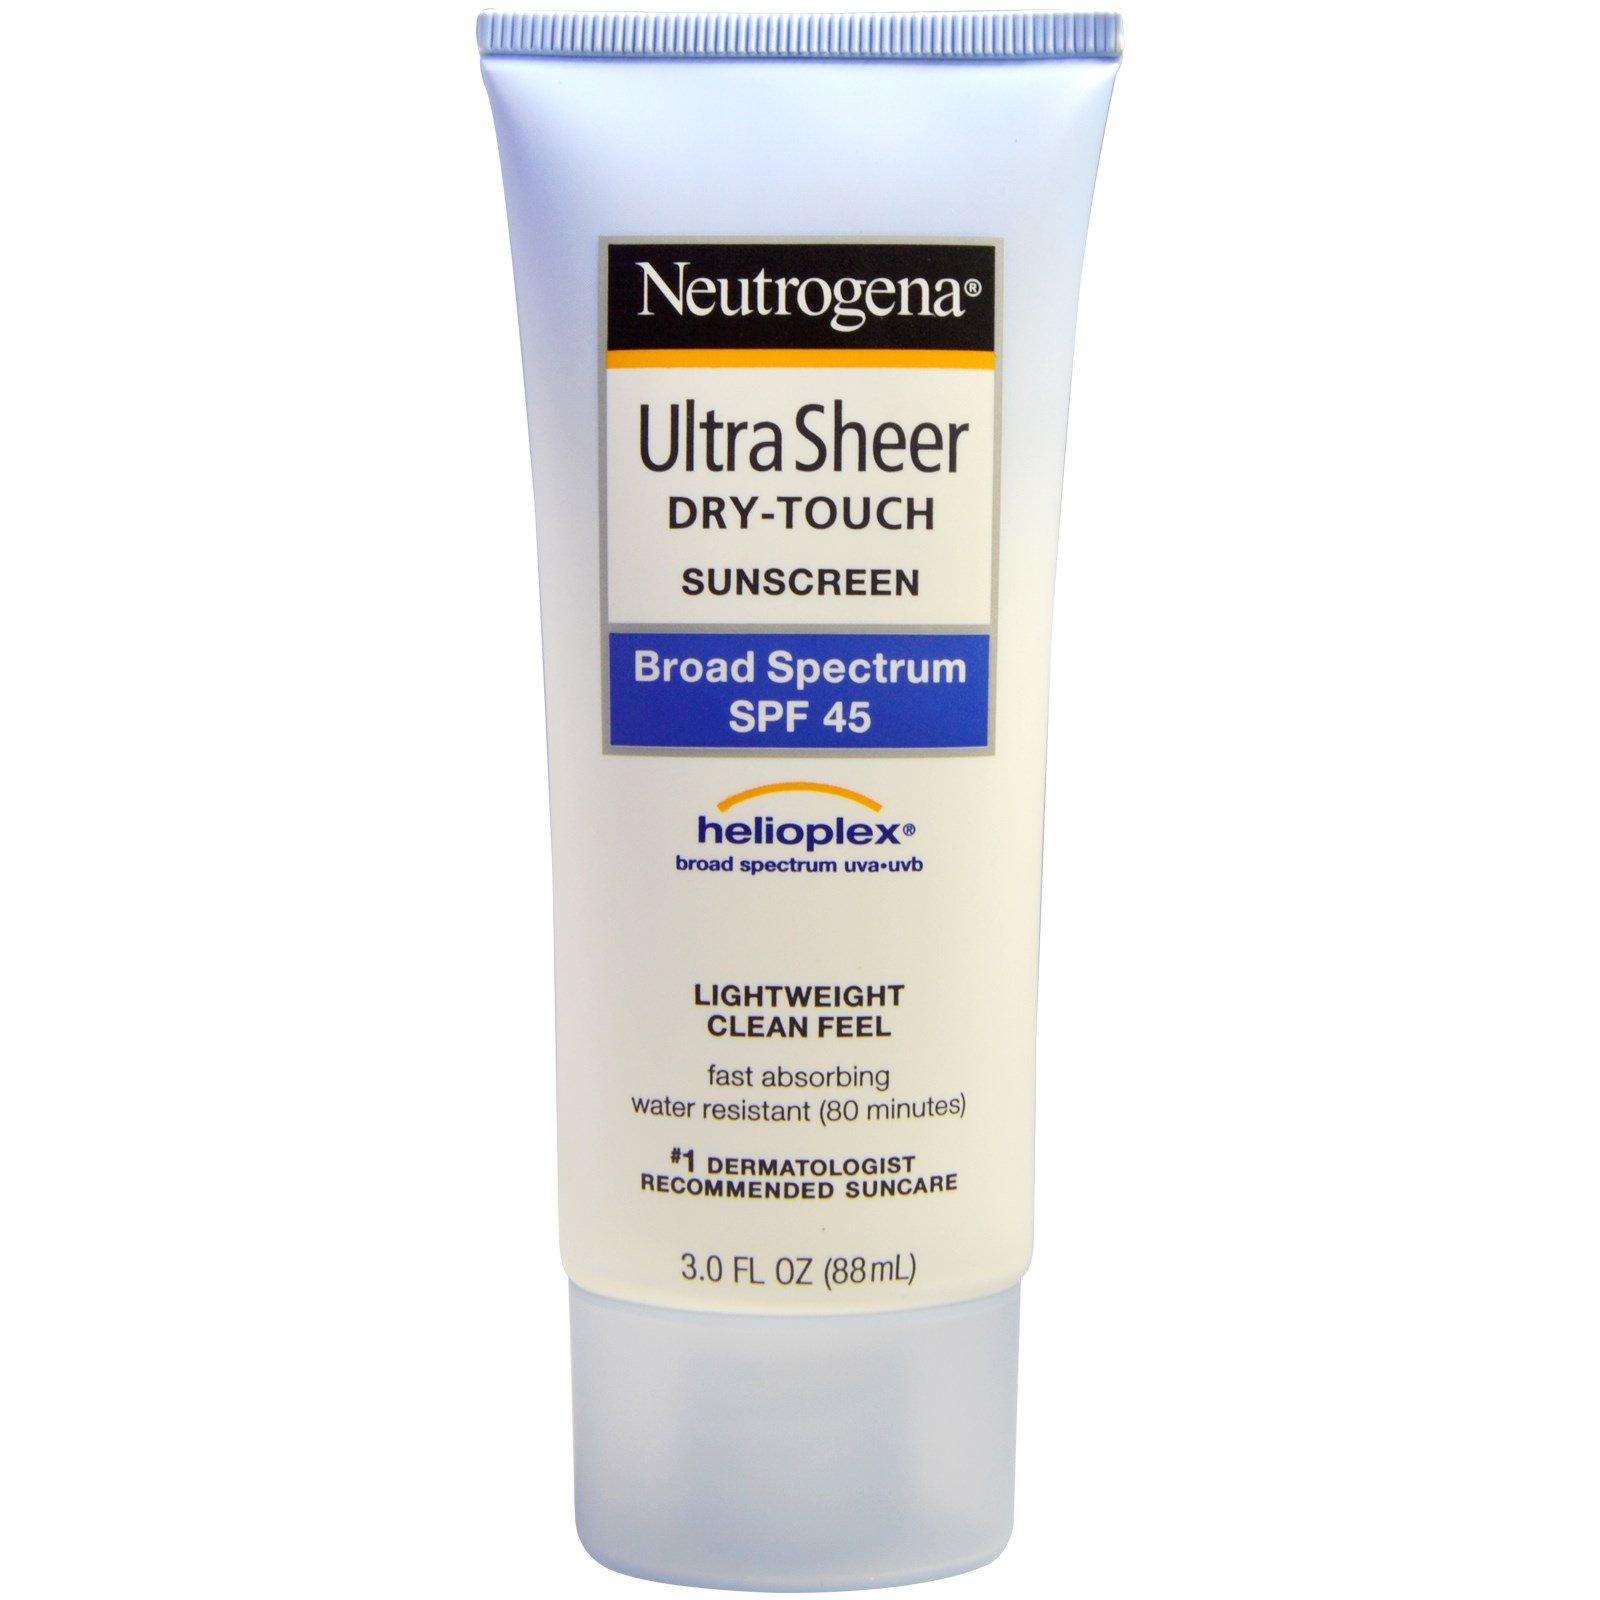 Neutrogena, Ультратонкий, сухой на ощупь солнцезащитный крем, фактор защиты от солнца SPF 45, 3 жидк. унц. (88 мл)